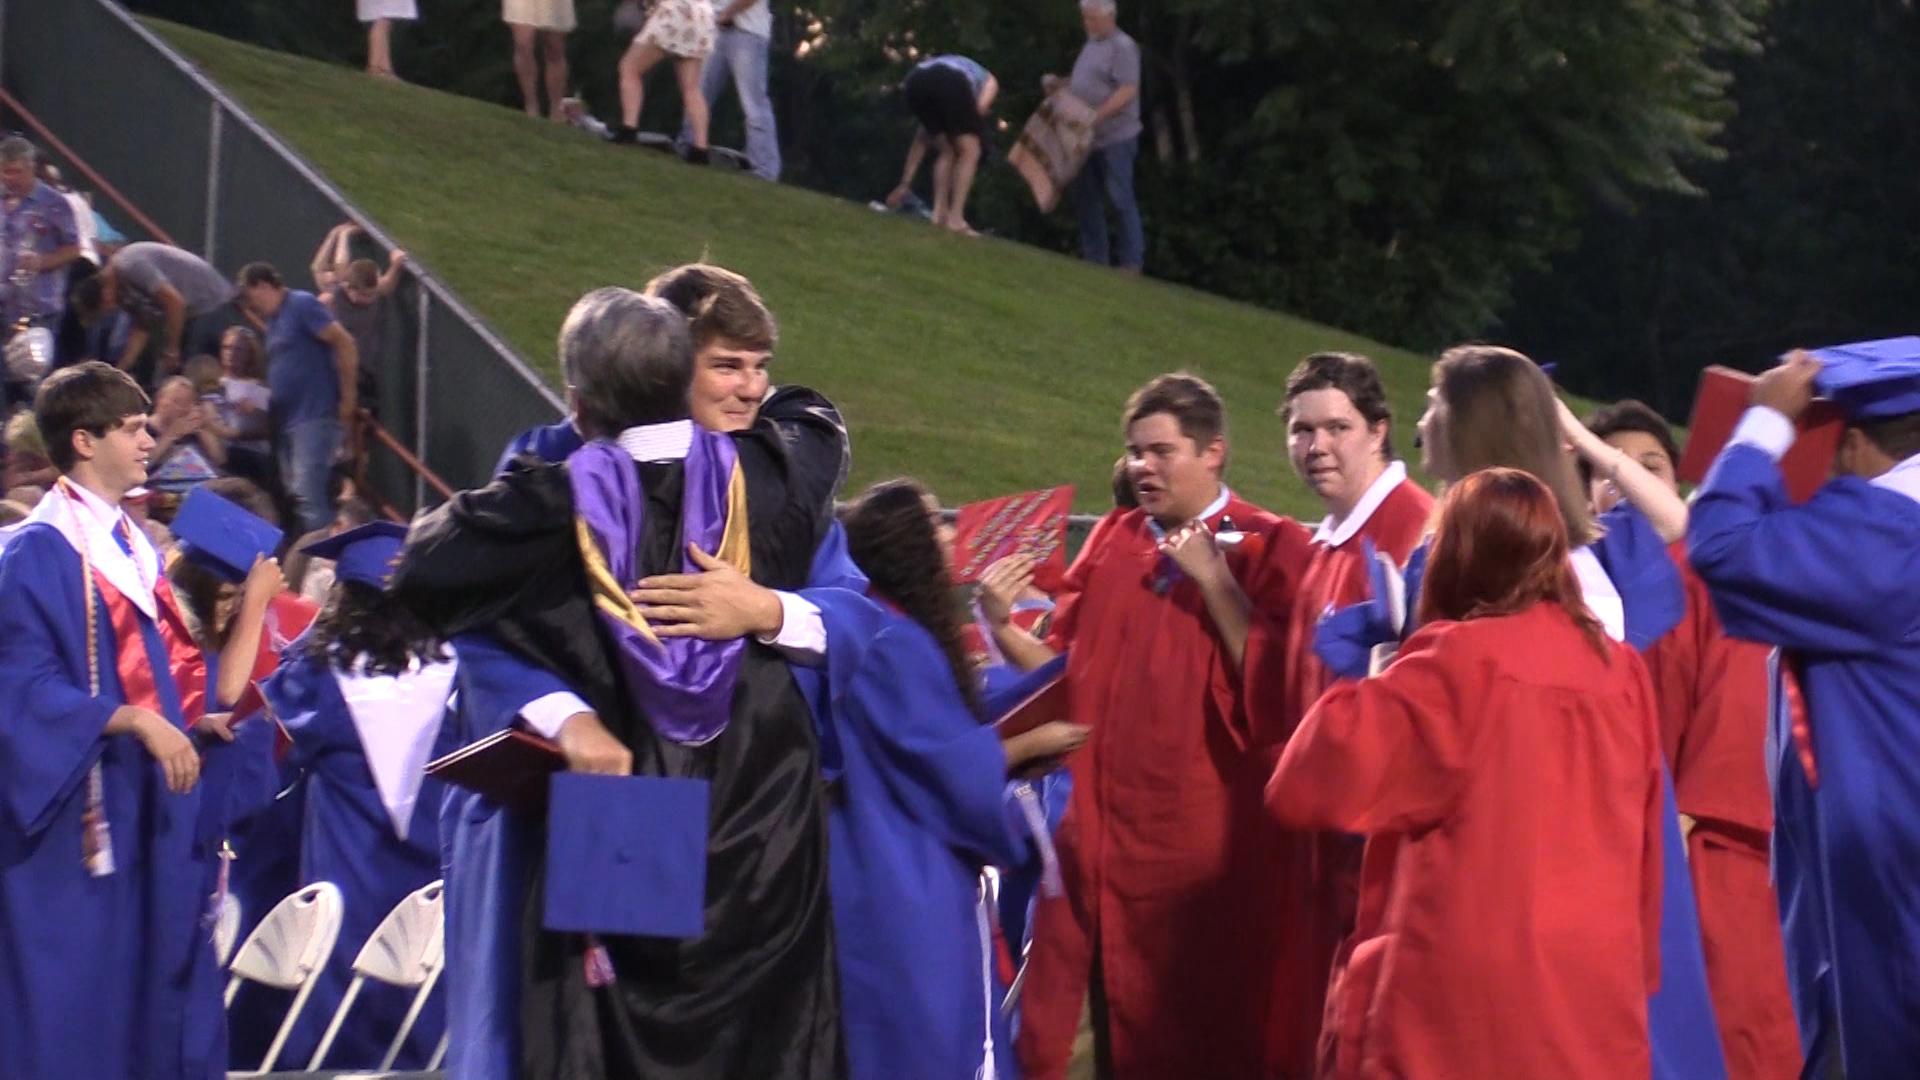 VIDEO - Warren County High School graduation 2017